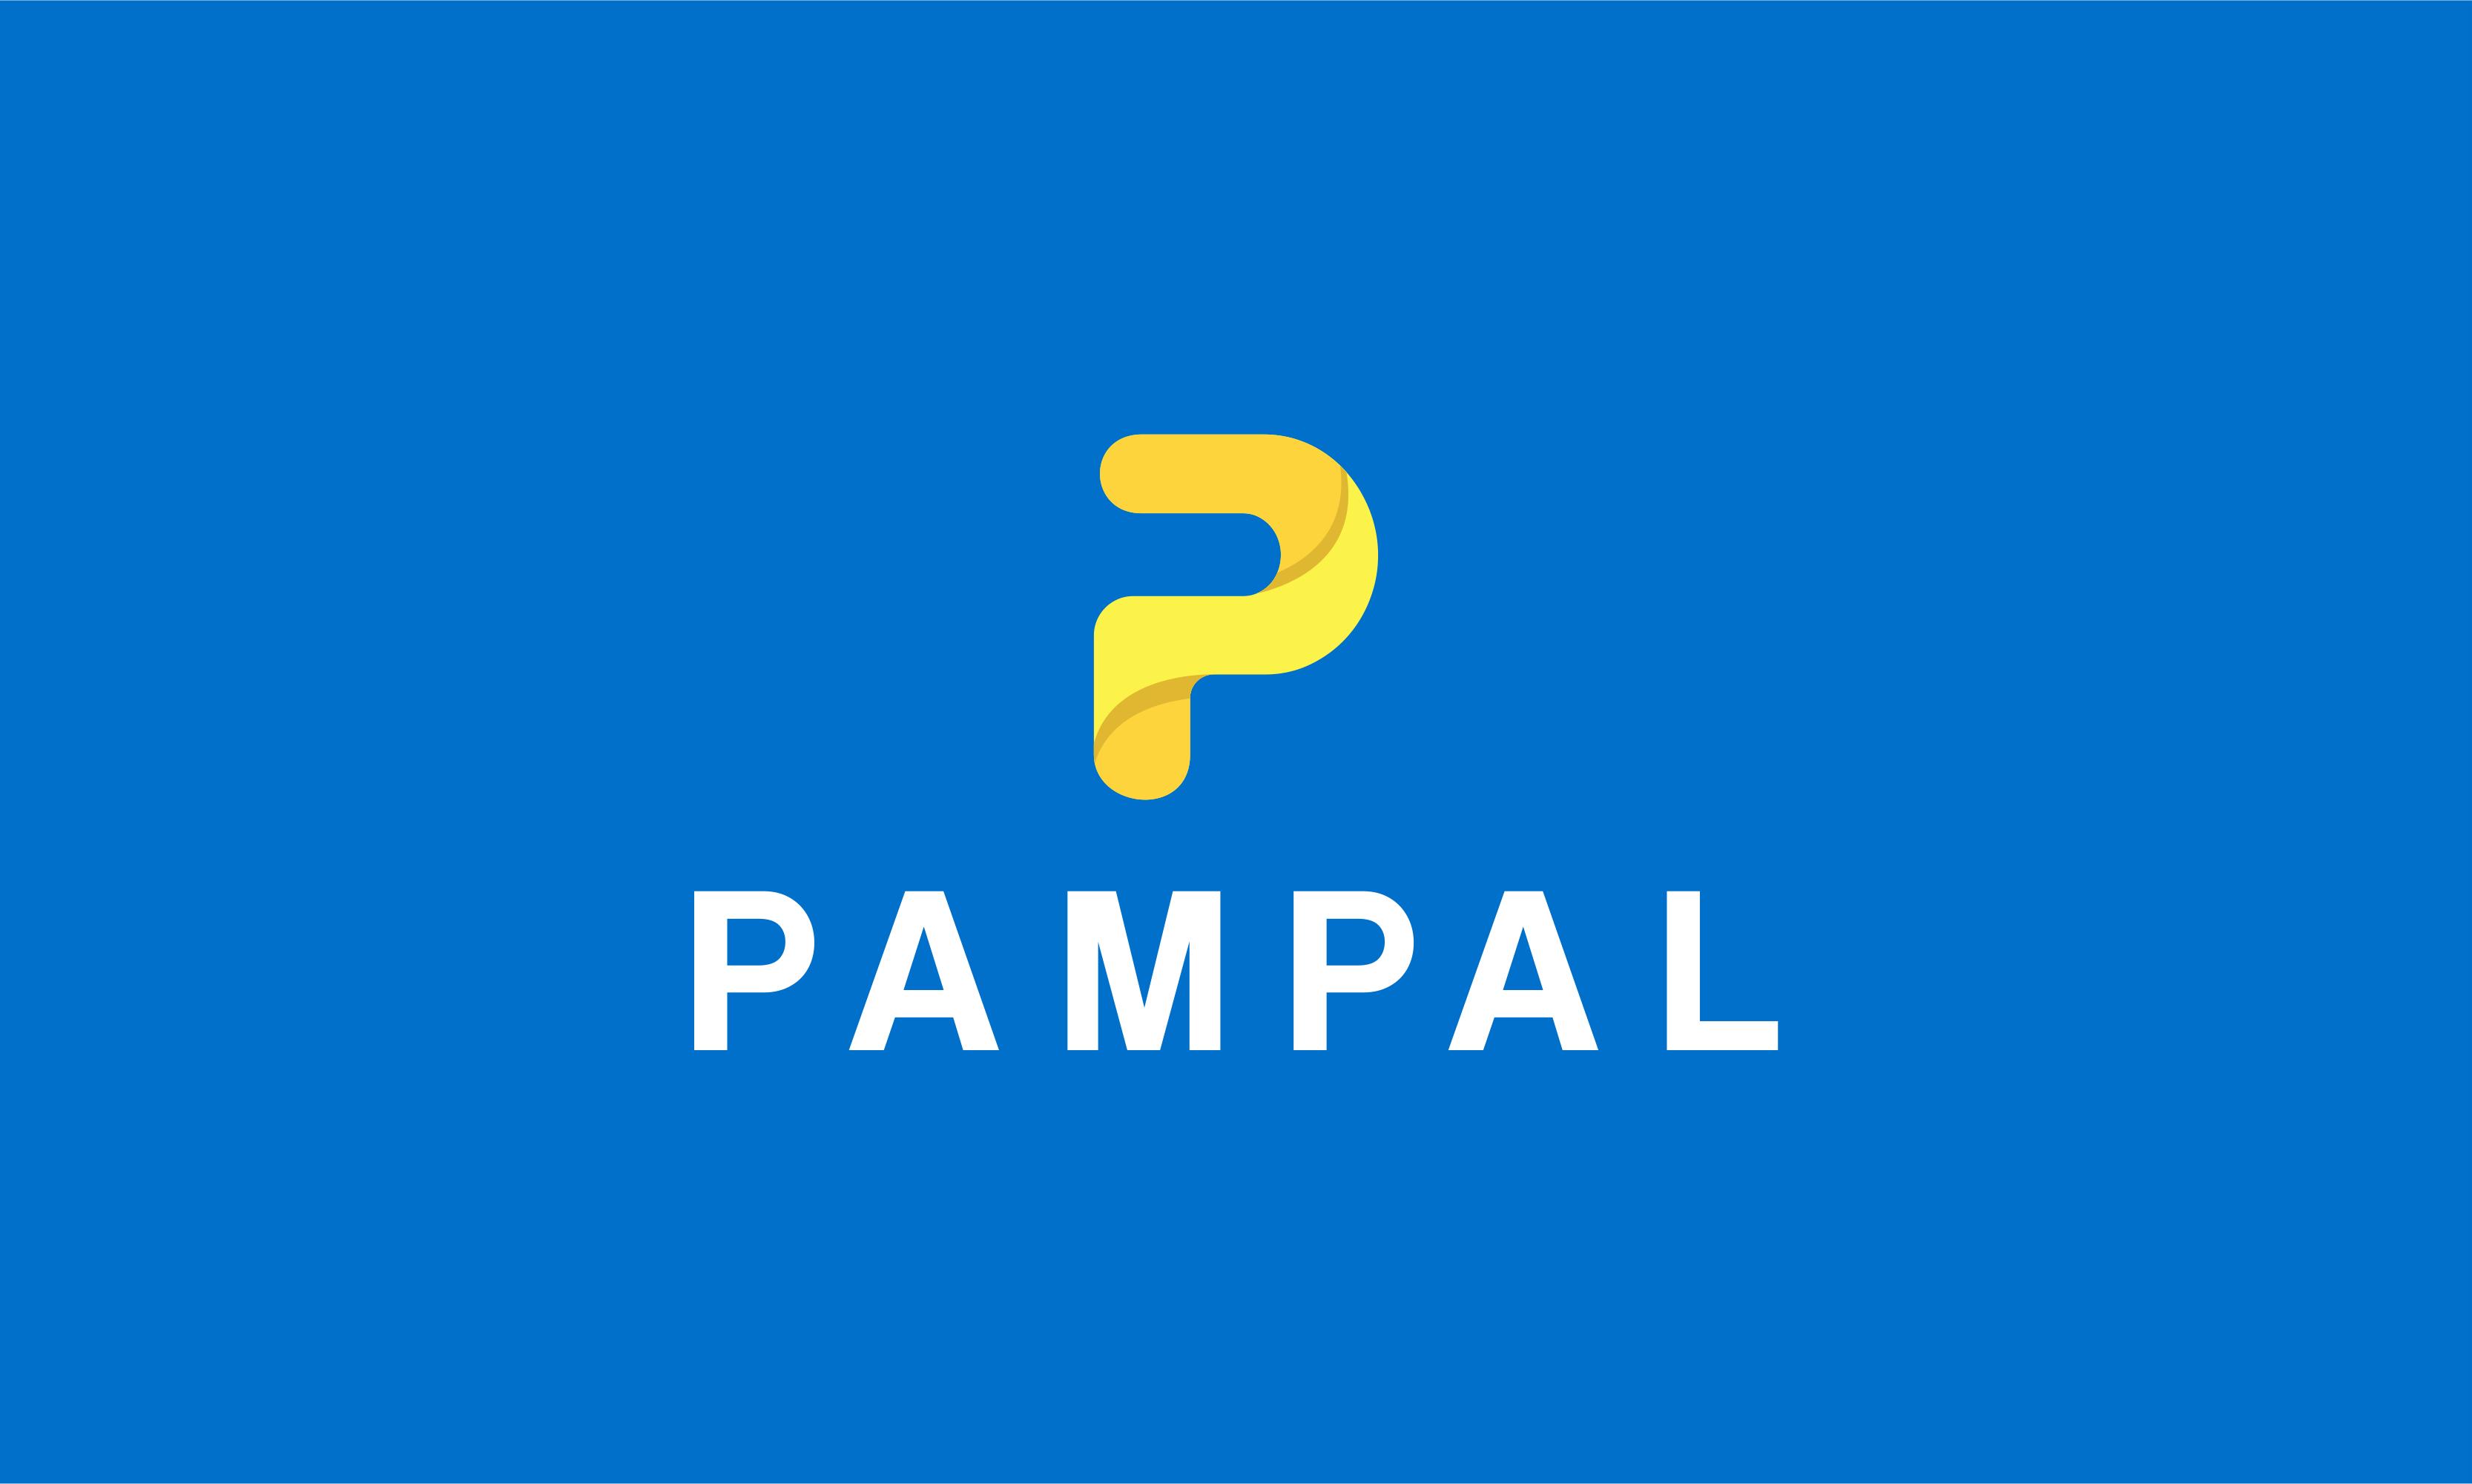 Pampal